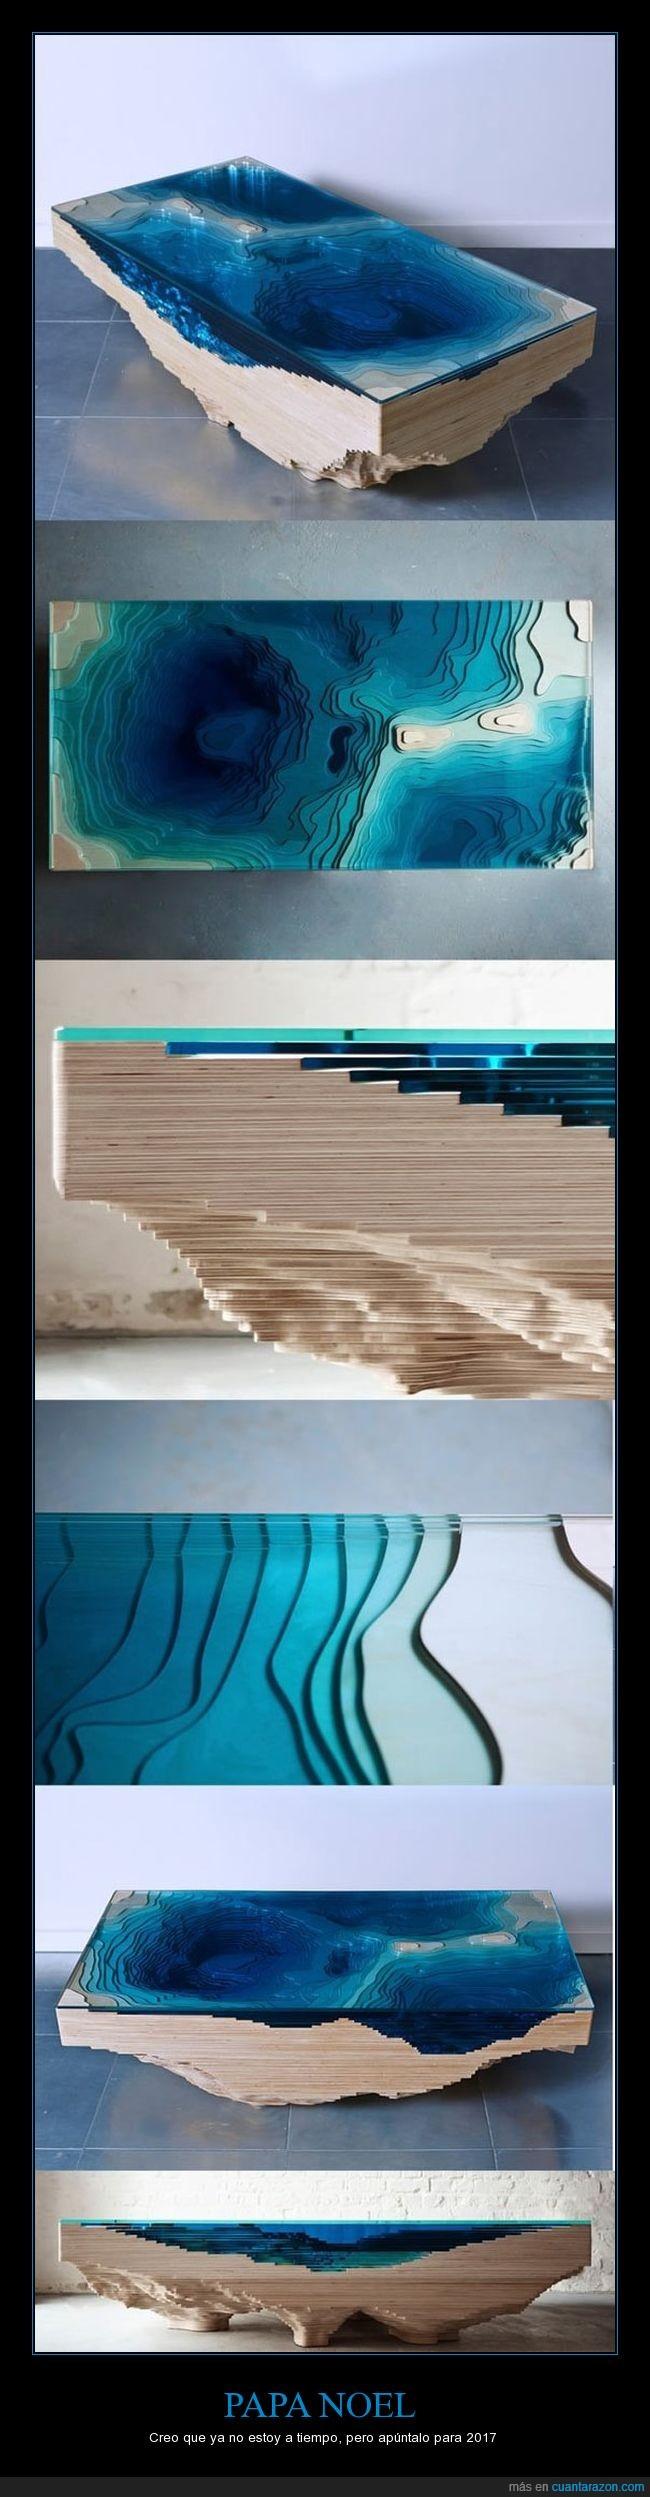 agua,arte,diseño,lago,mesa,oceano